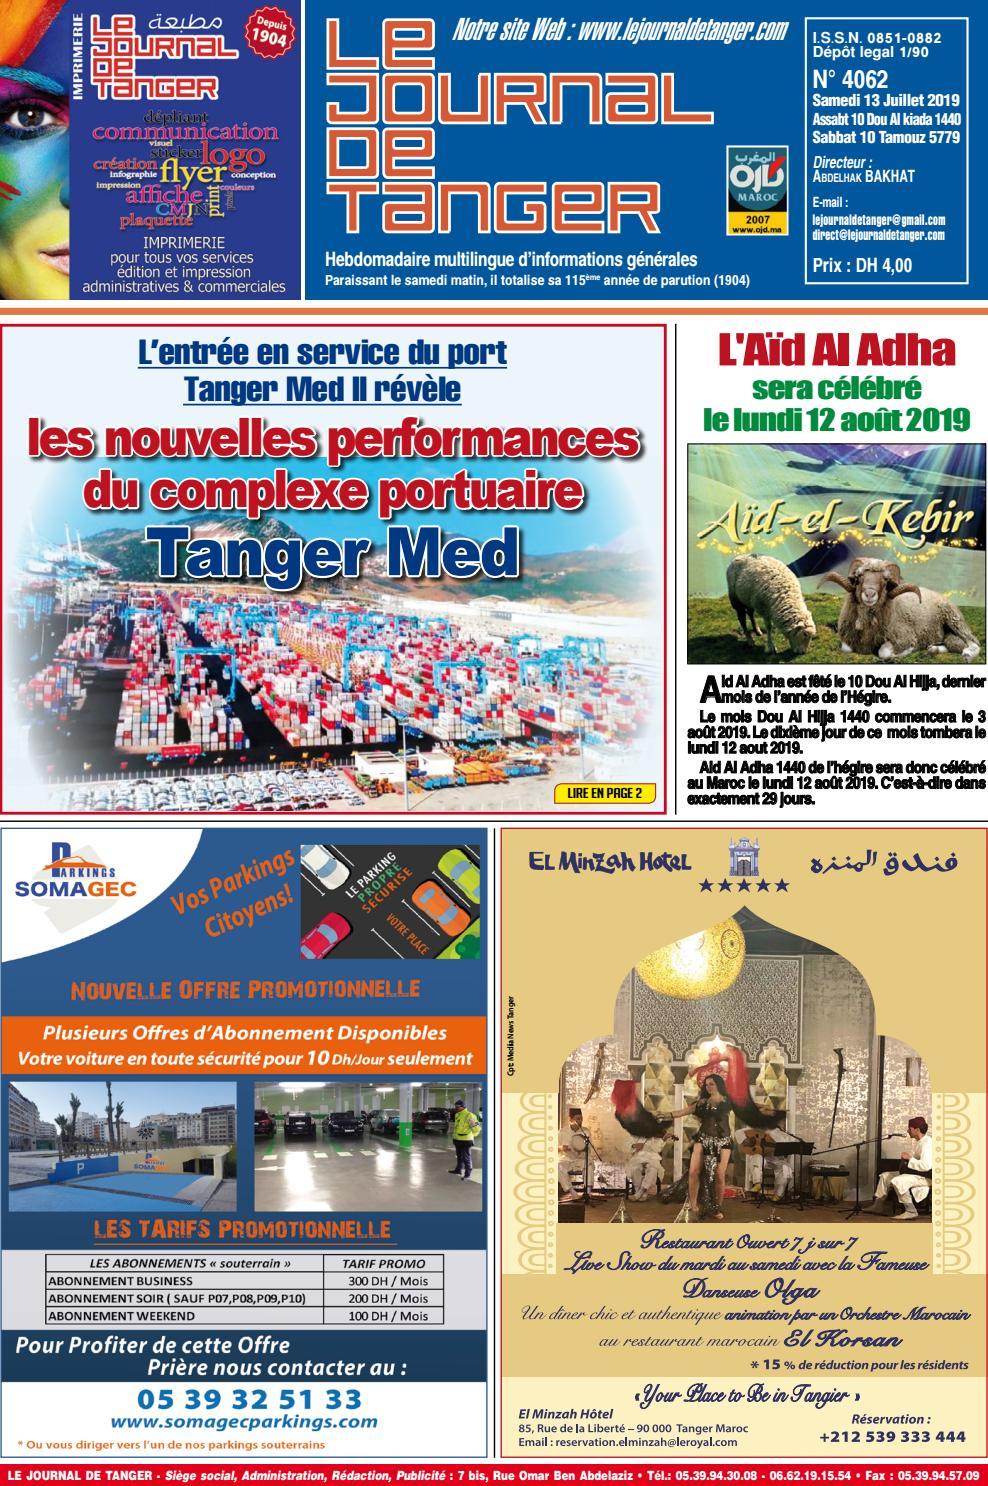 Le Journal De Tanger 13 Juillet 2019 By Le Journal De Tanger